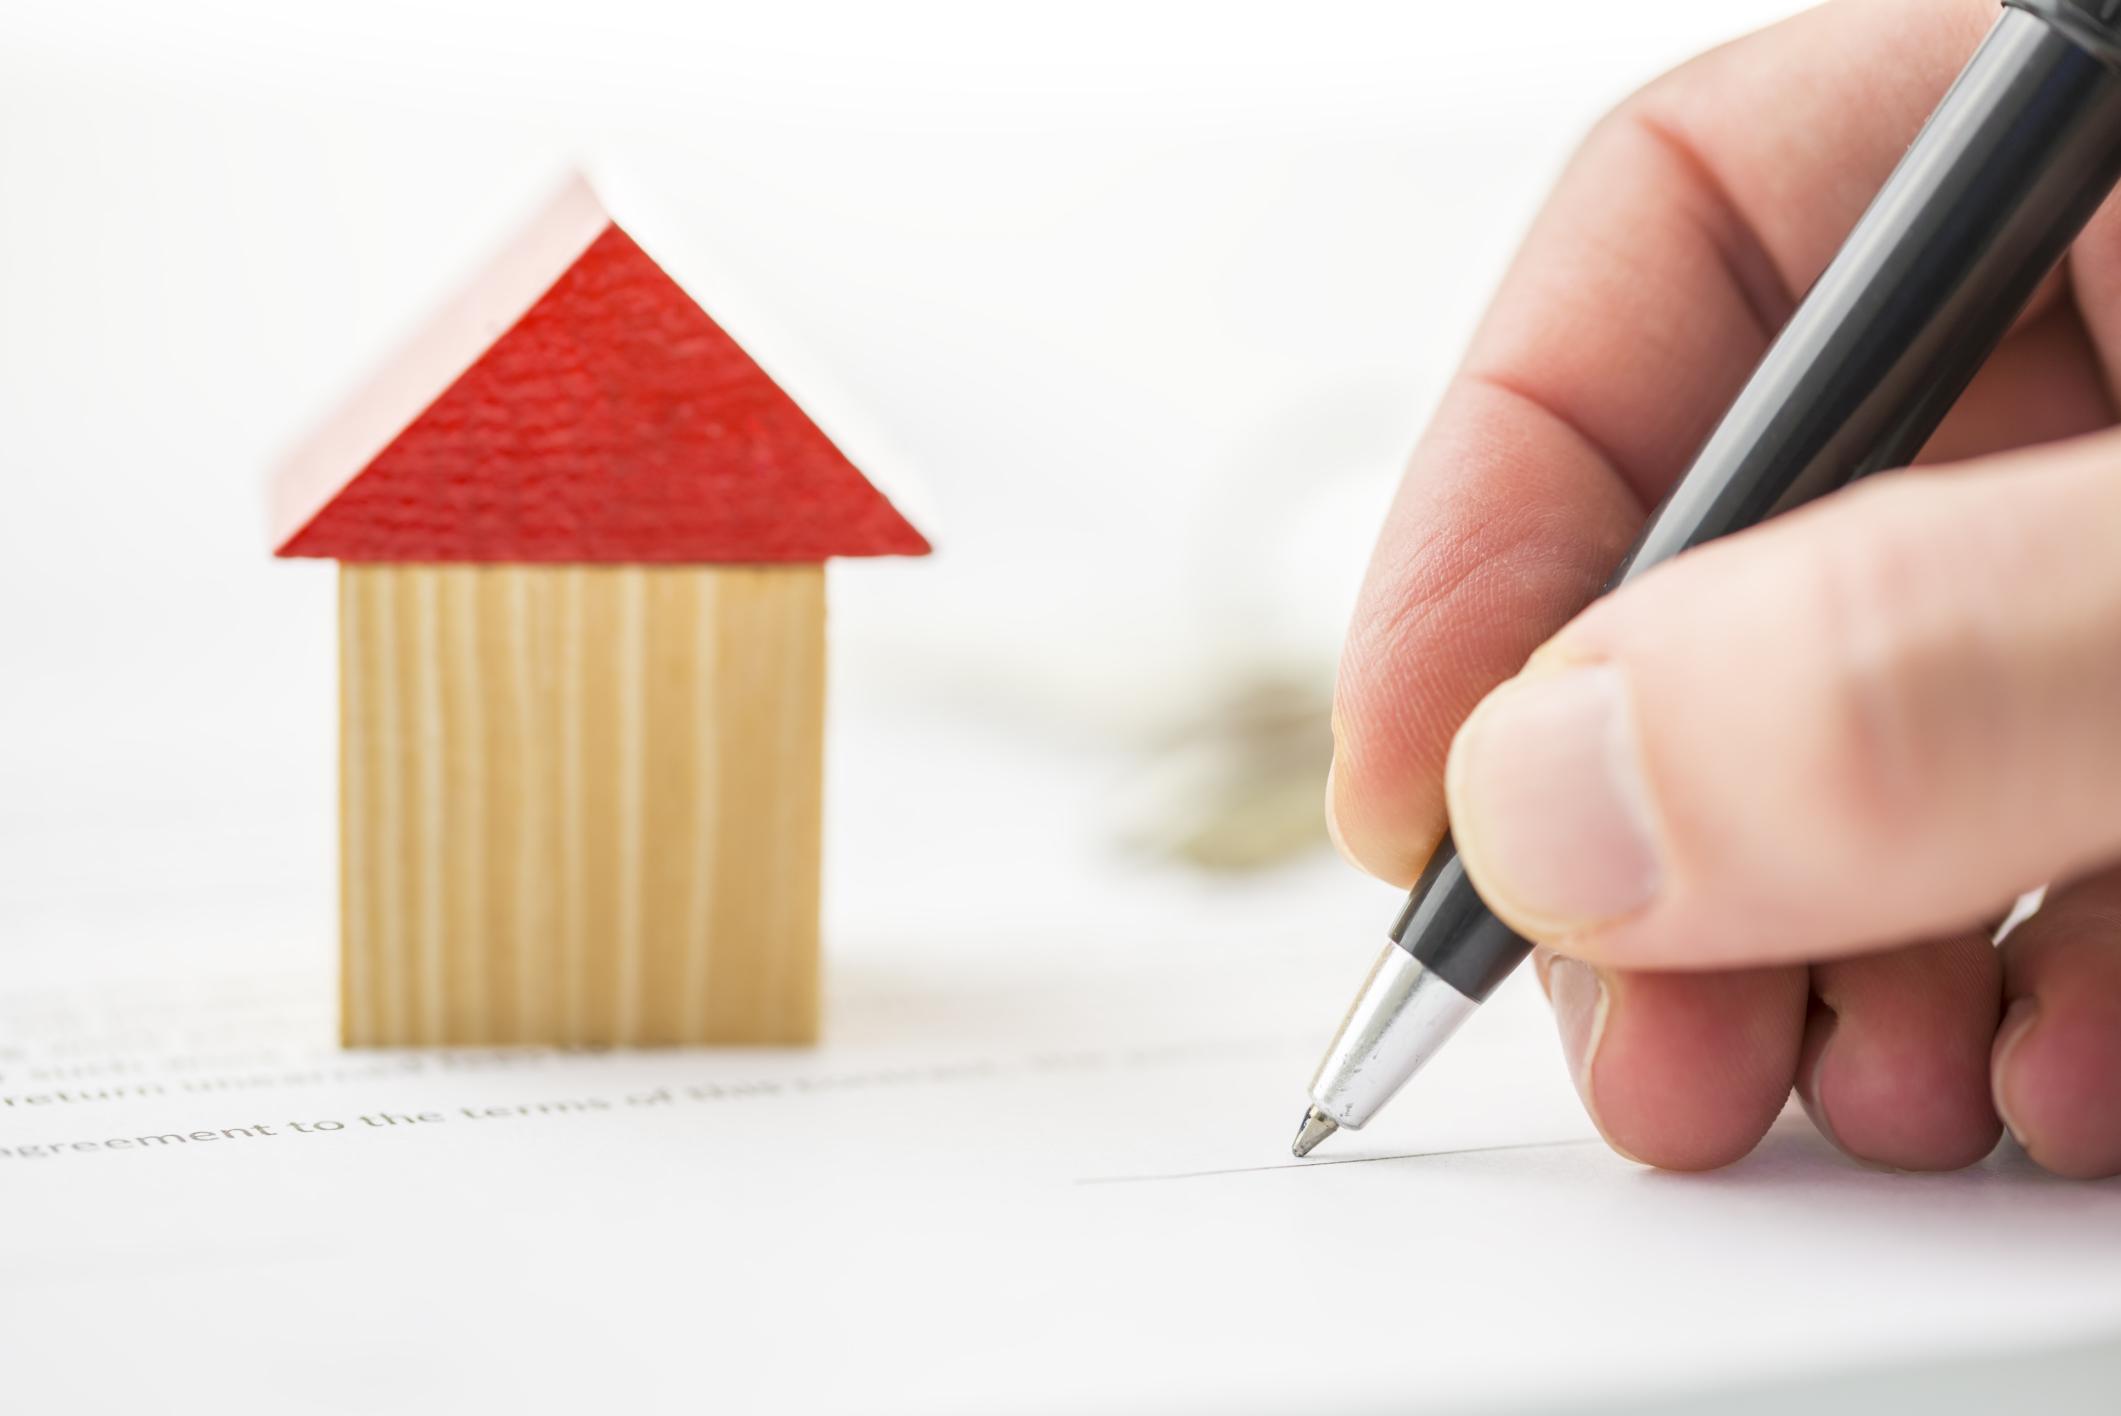 Những loại hợp đồng giao dịch bất động sản phổ biến bắt buộc phải công chứng